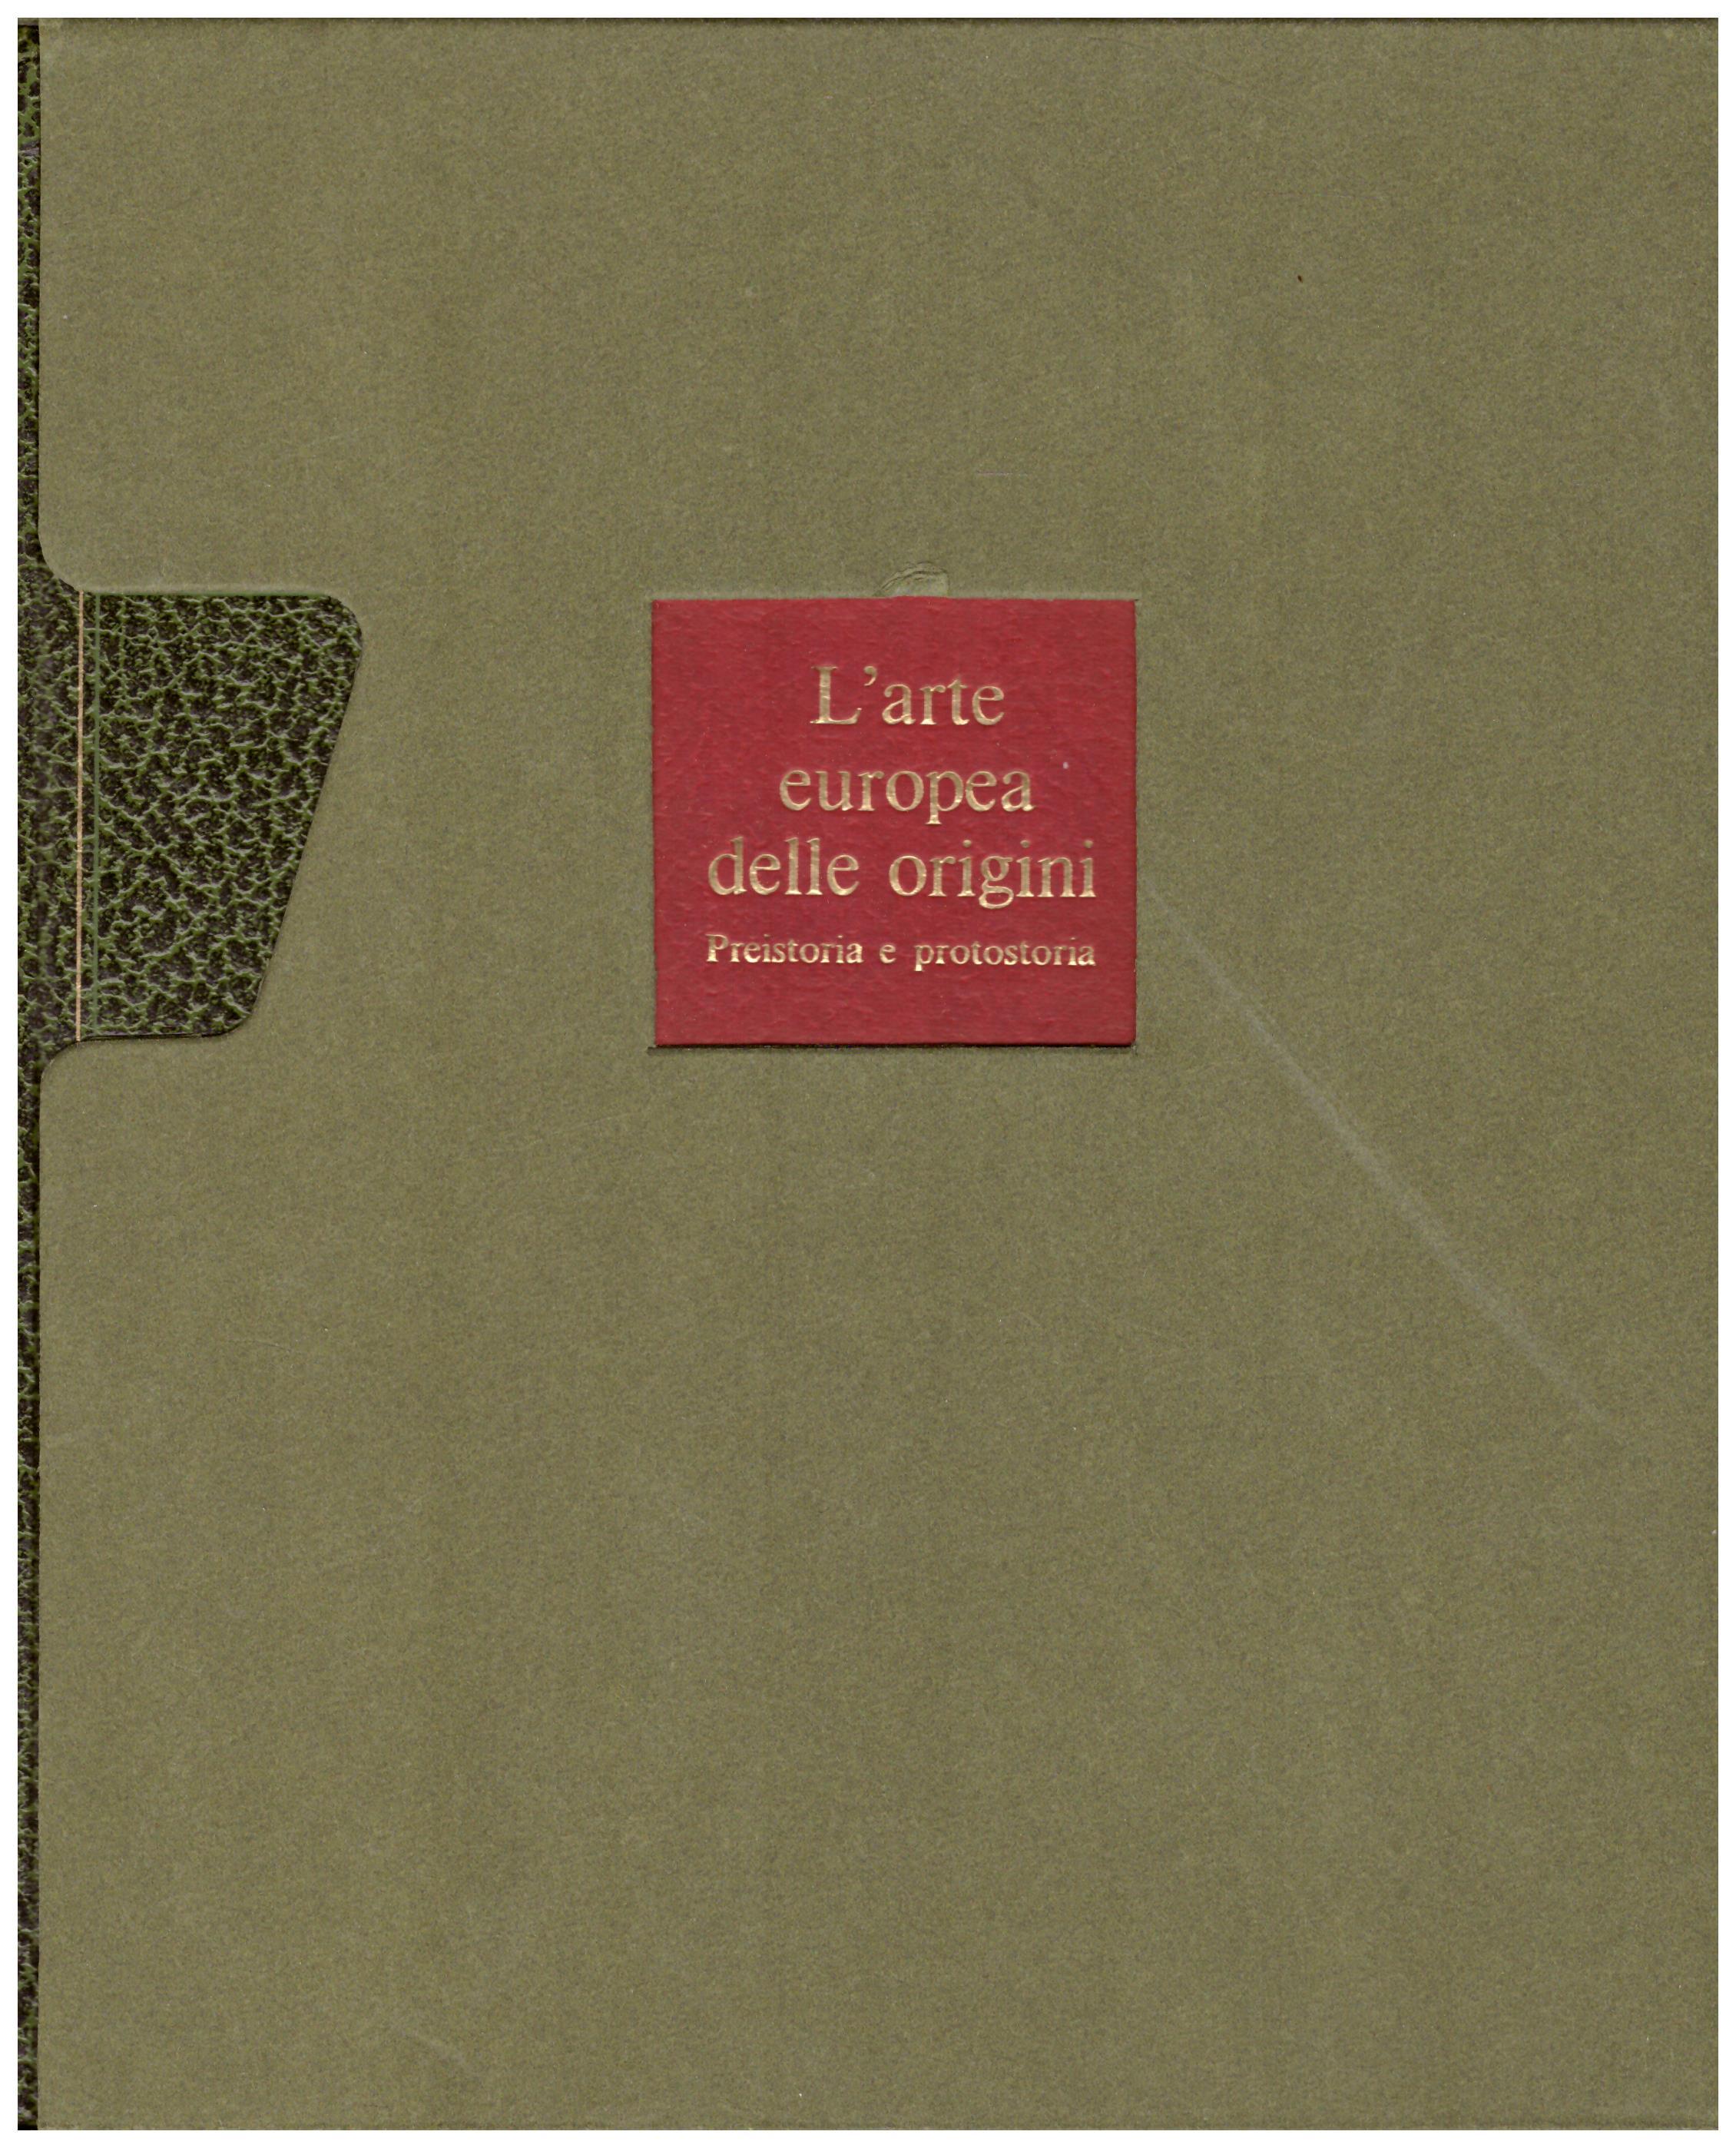 Titolo: Jolanda la figlia del corsaro nero  Autore: Emilio Salgari Editore: Antonio Vallardi, Milano 1932